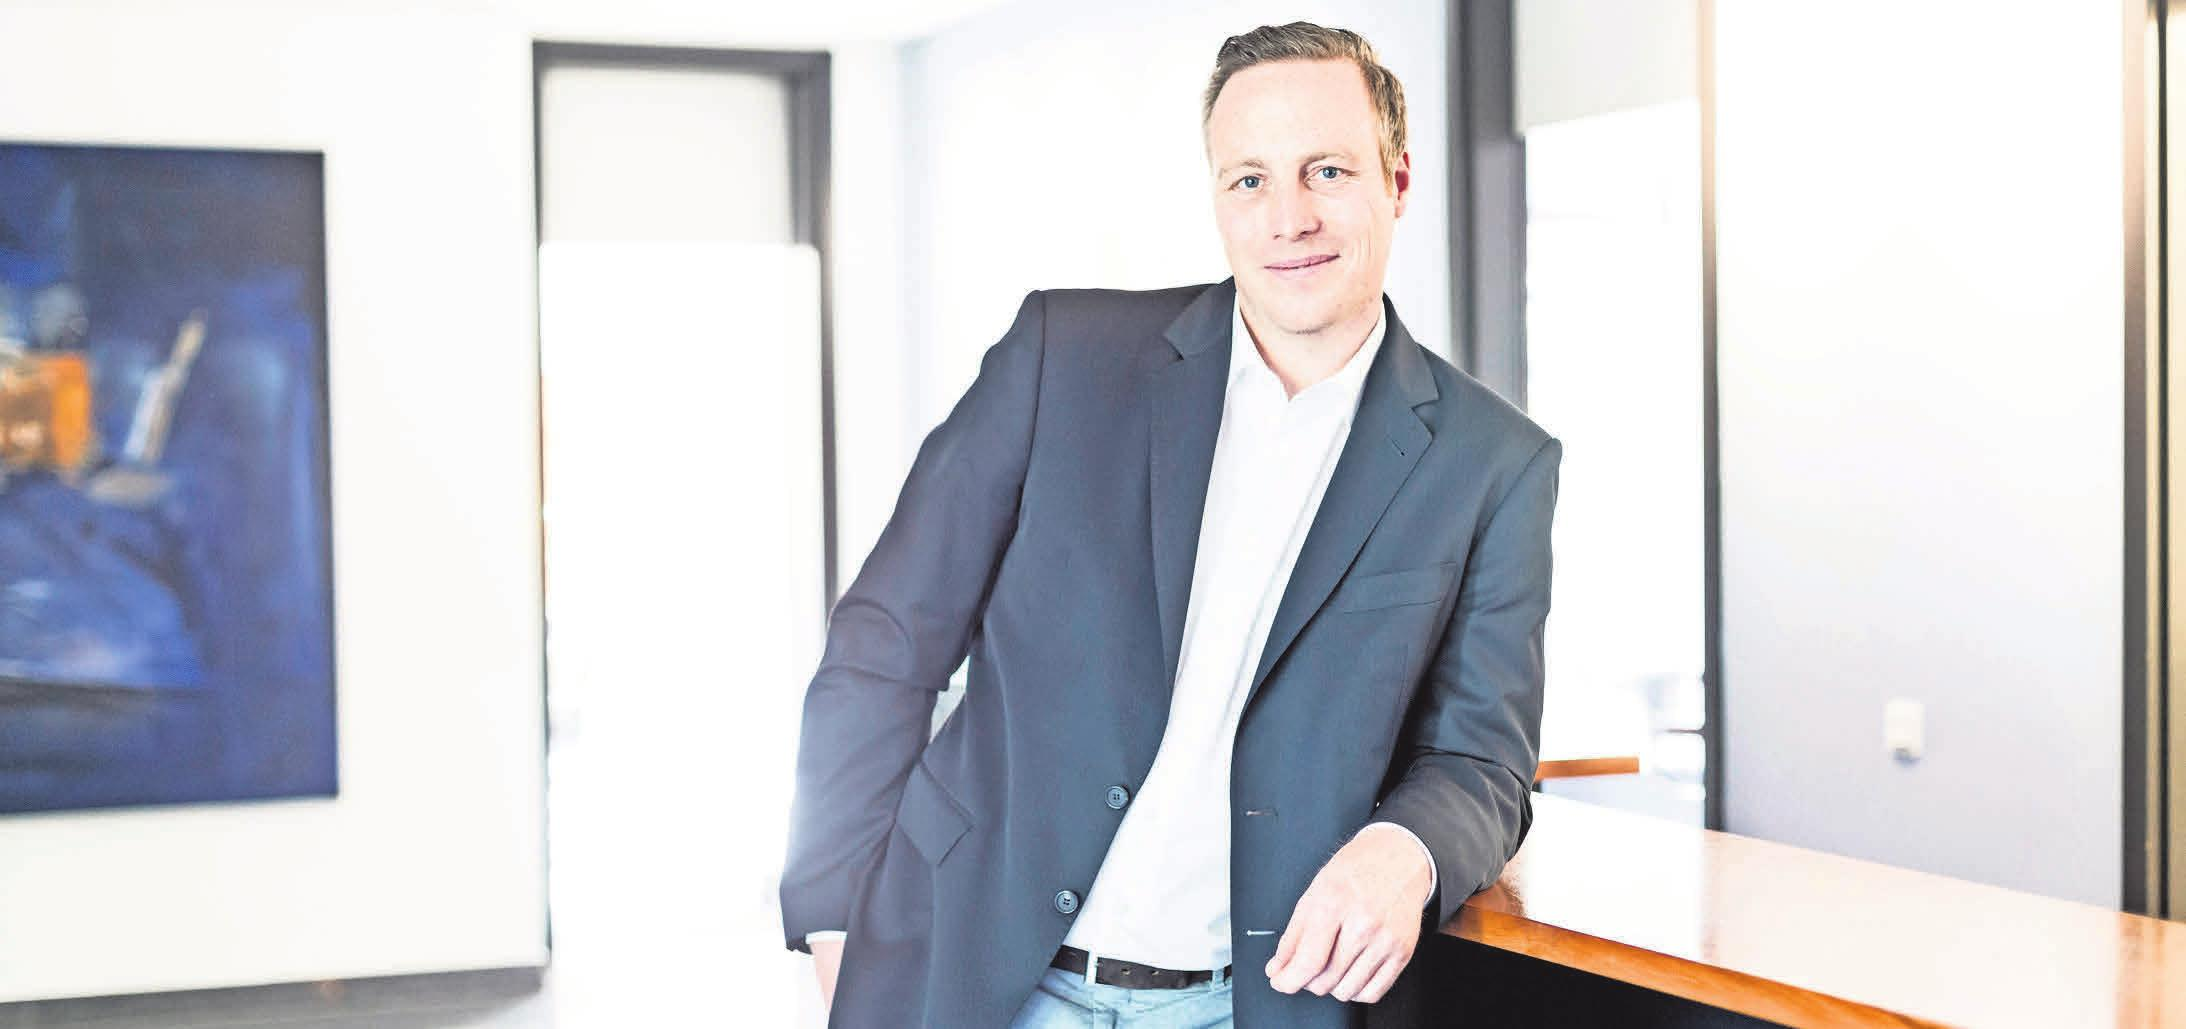 Der Diplom-Kaufmann und Steuerberater Christian Katz berät Sie gern ausführlich über diverse Themen in seiner Kanzlei in Isernhagen.